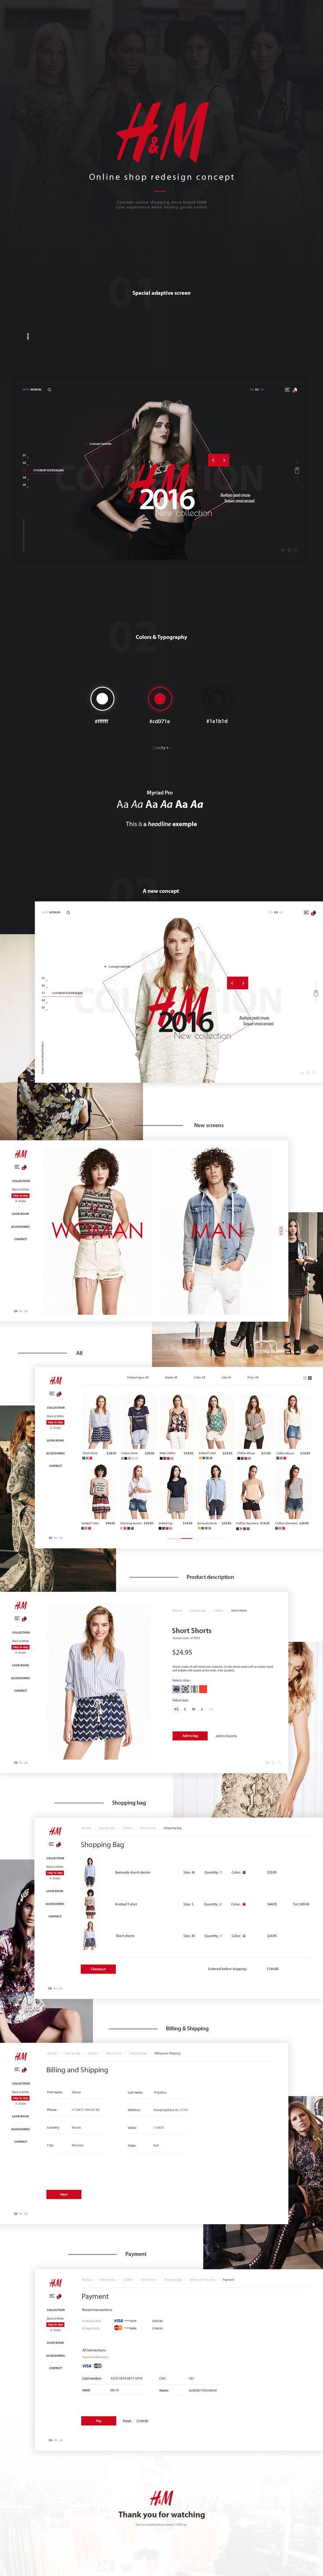 [H&M] Online shop concept on Behance